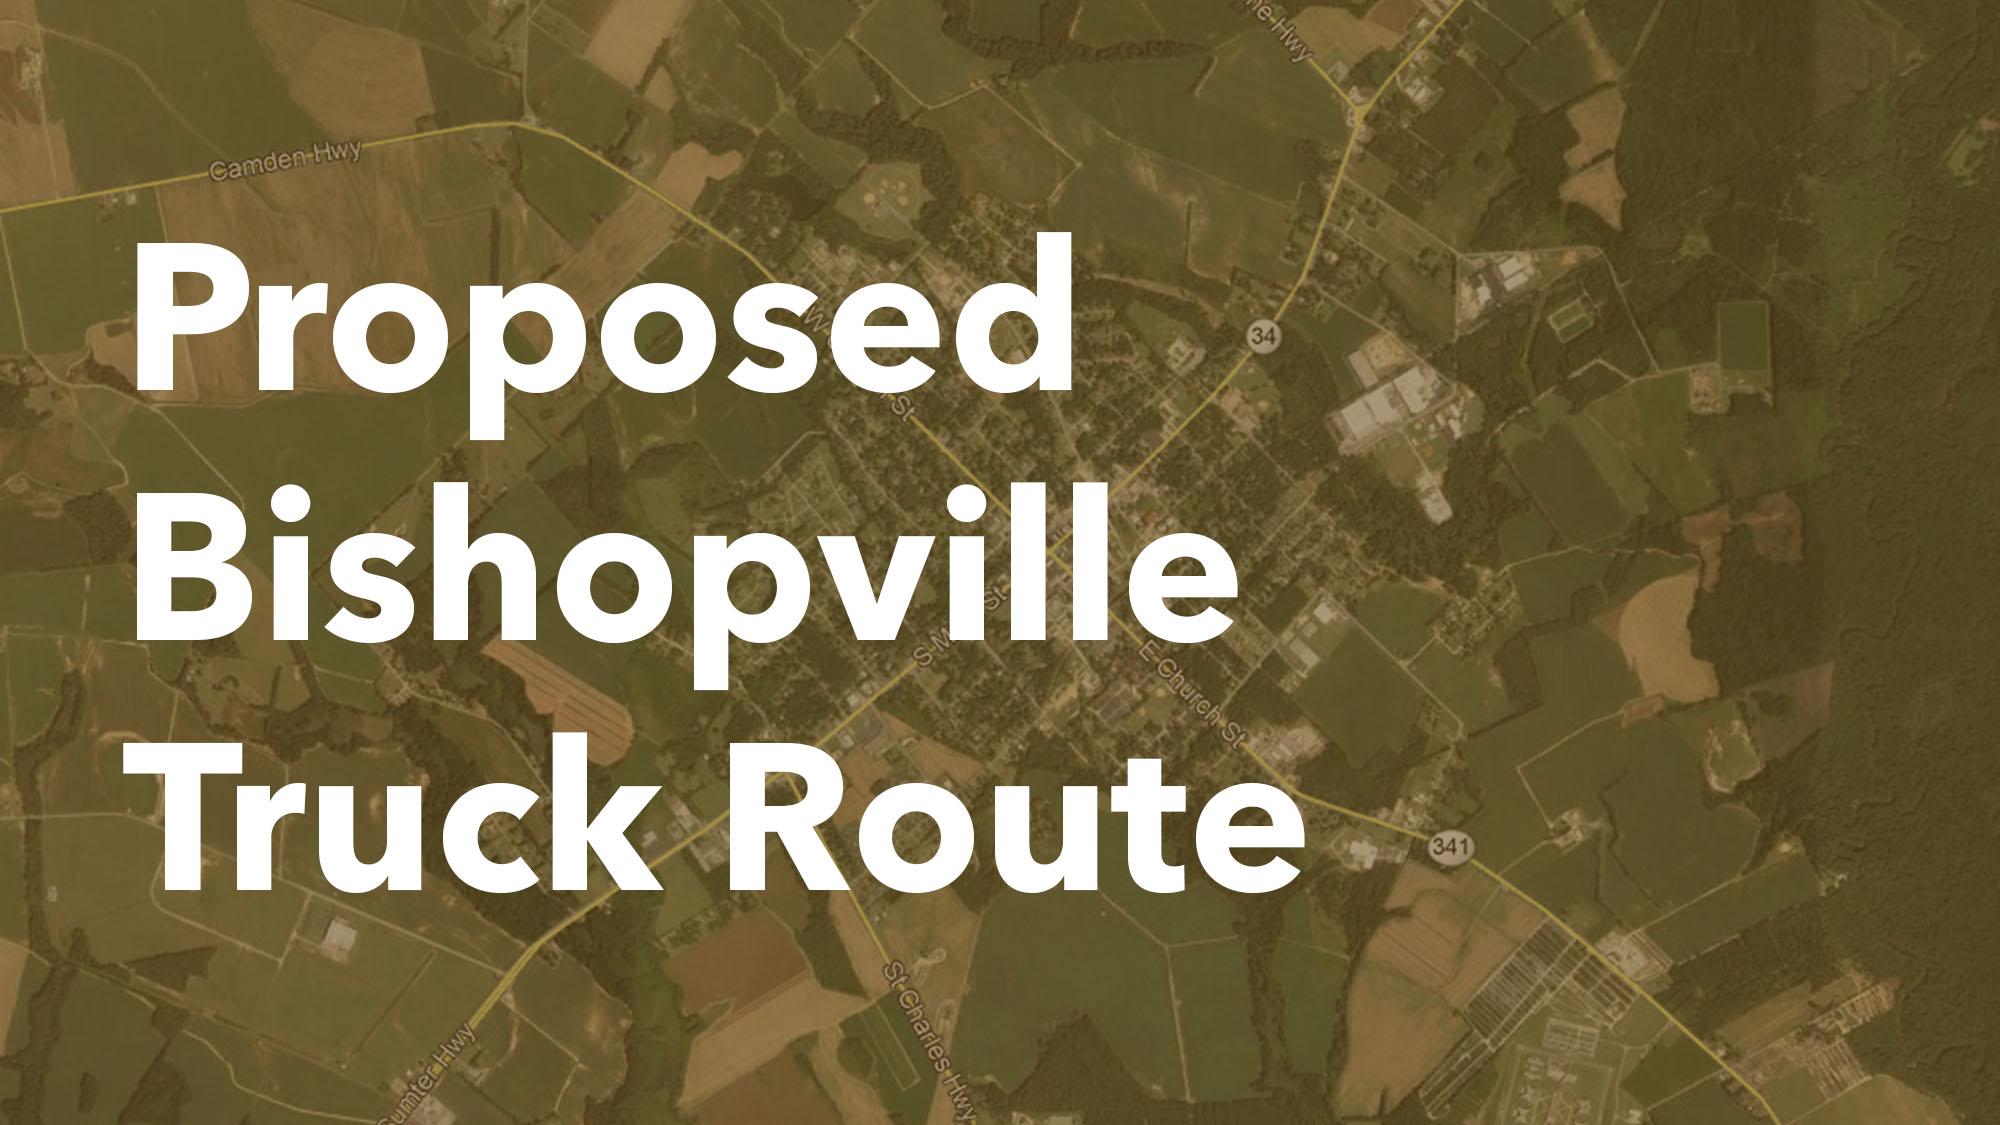 Bishopville Truck Route.jpg